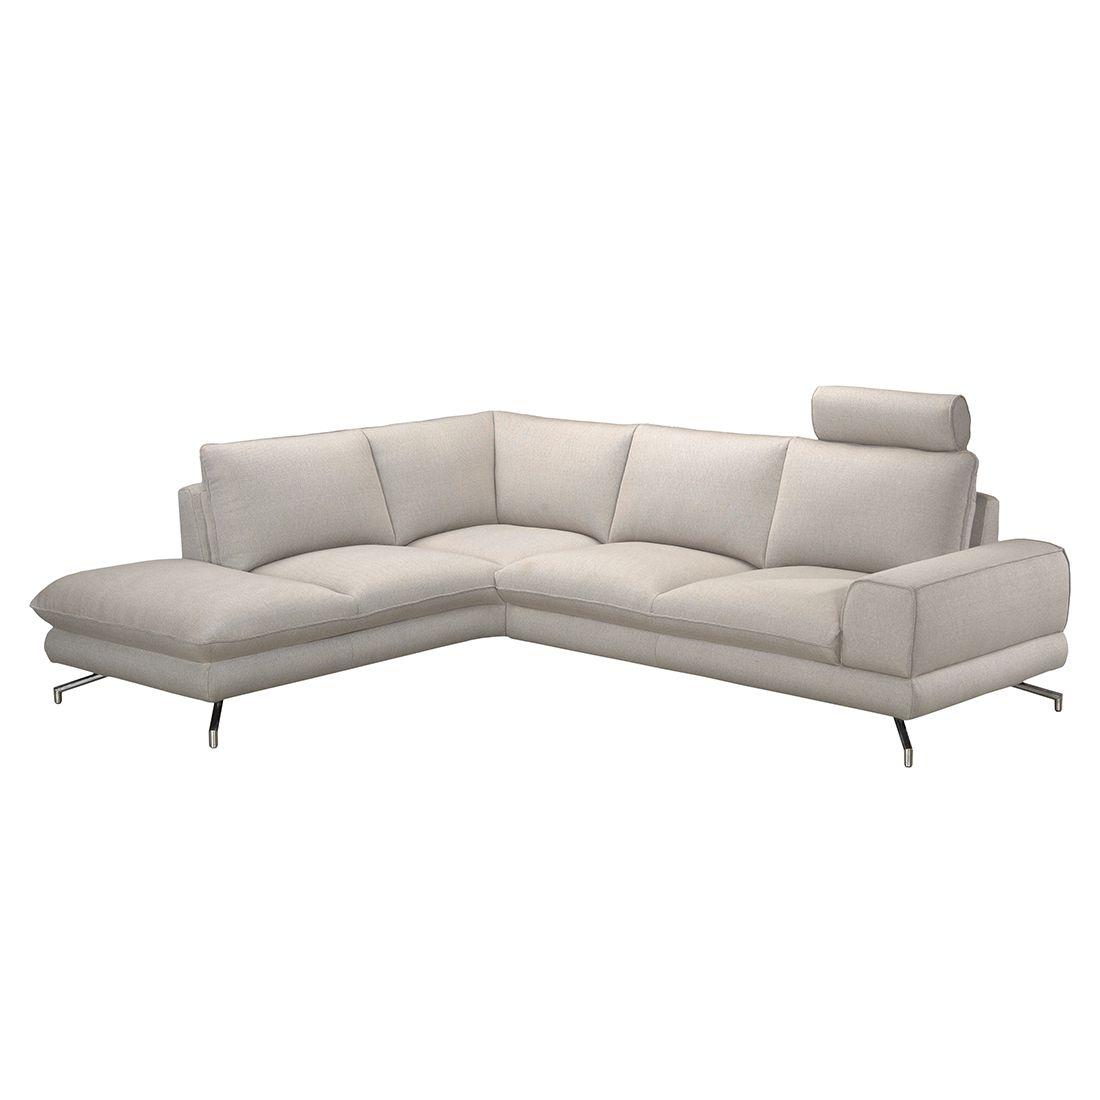 ecksofa lennard strukturstoff beige ottomane davorstehend links mit 1 kopfst tze. Black Bedroom Furniture Sets. Home Design Ideas